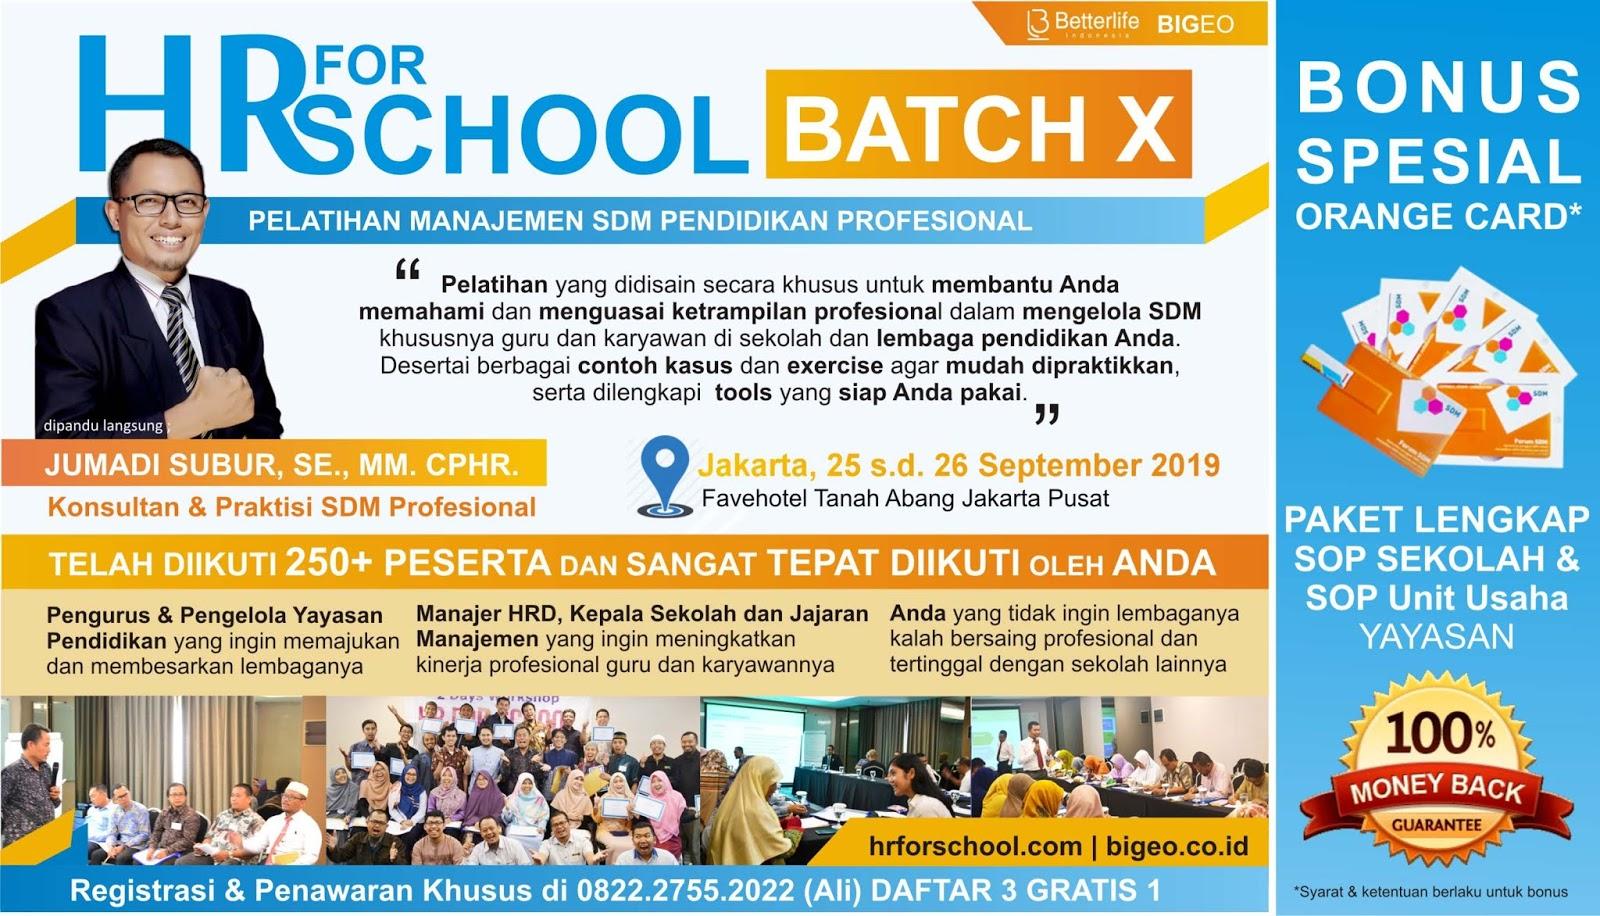 Pelatihan SDM Pendidikan - Pelatihan Manajemen SDM Pendidikan | HR for School X 25-26 Sept 2019 Hadir 40 peserta